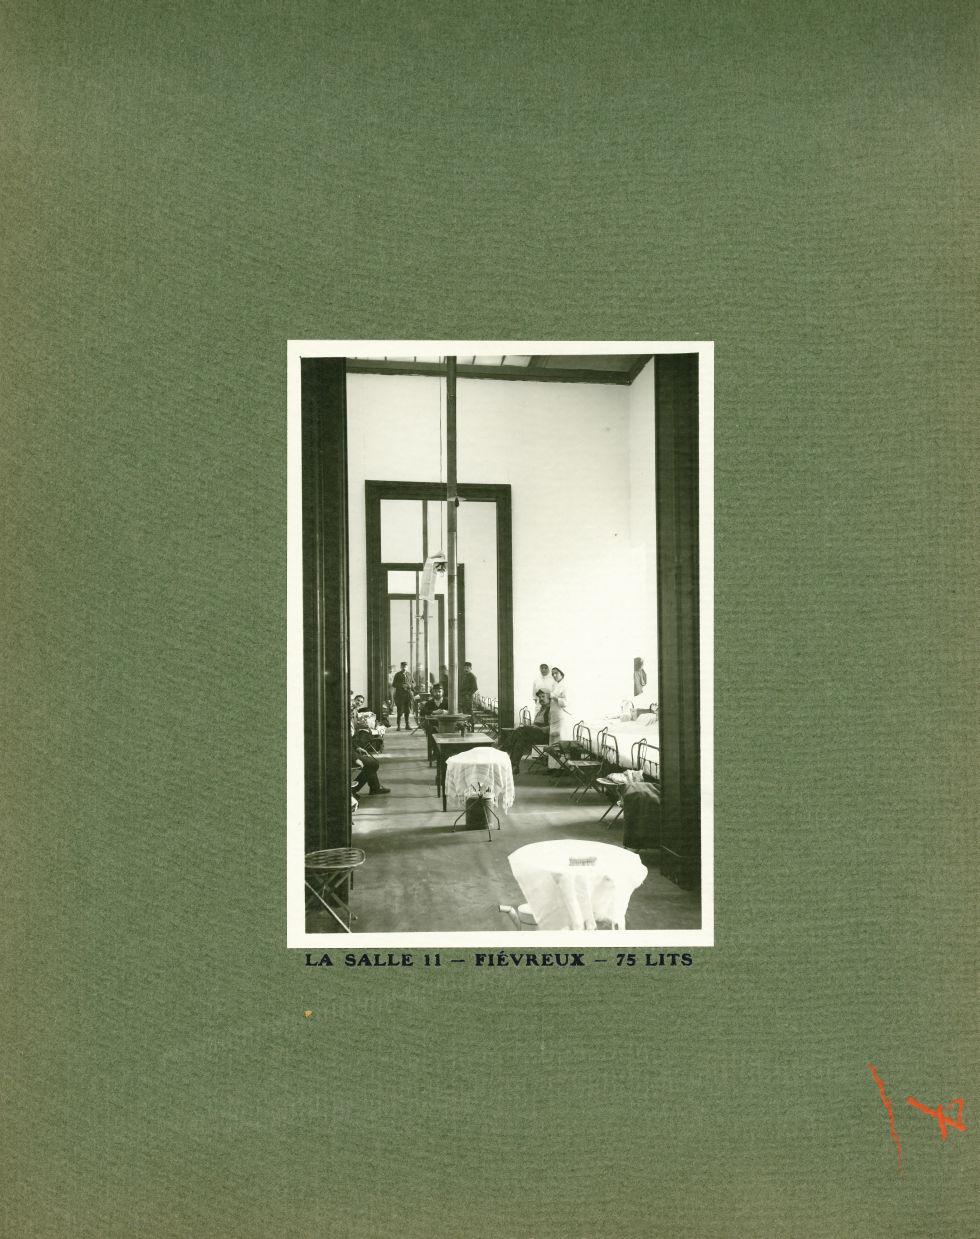 [Le Grand Palais pendant la guerre] La salle 11 - Fiévreux - 75 lits - Le Grand Palais pendant la gu [...] -  - med02077x0031